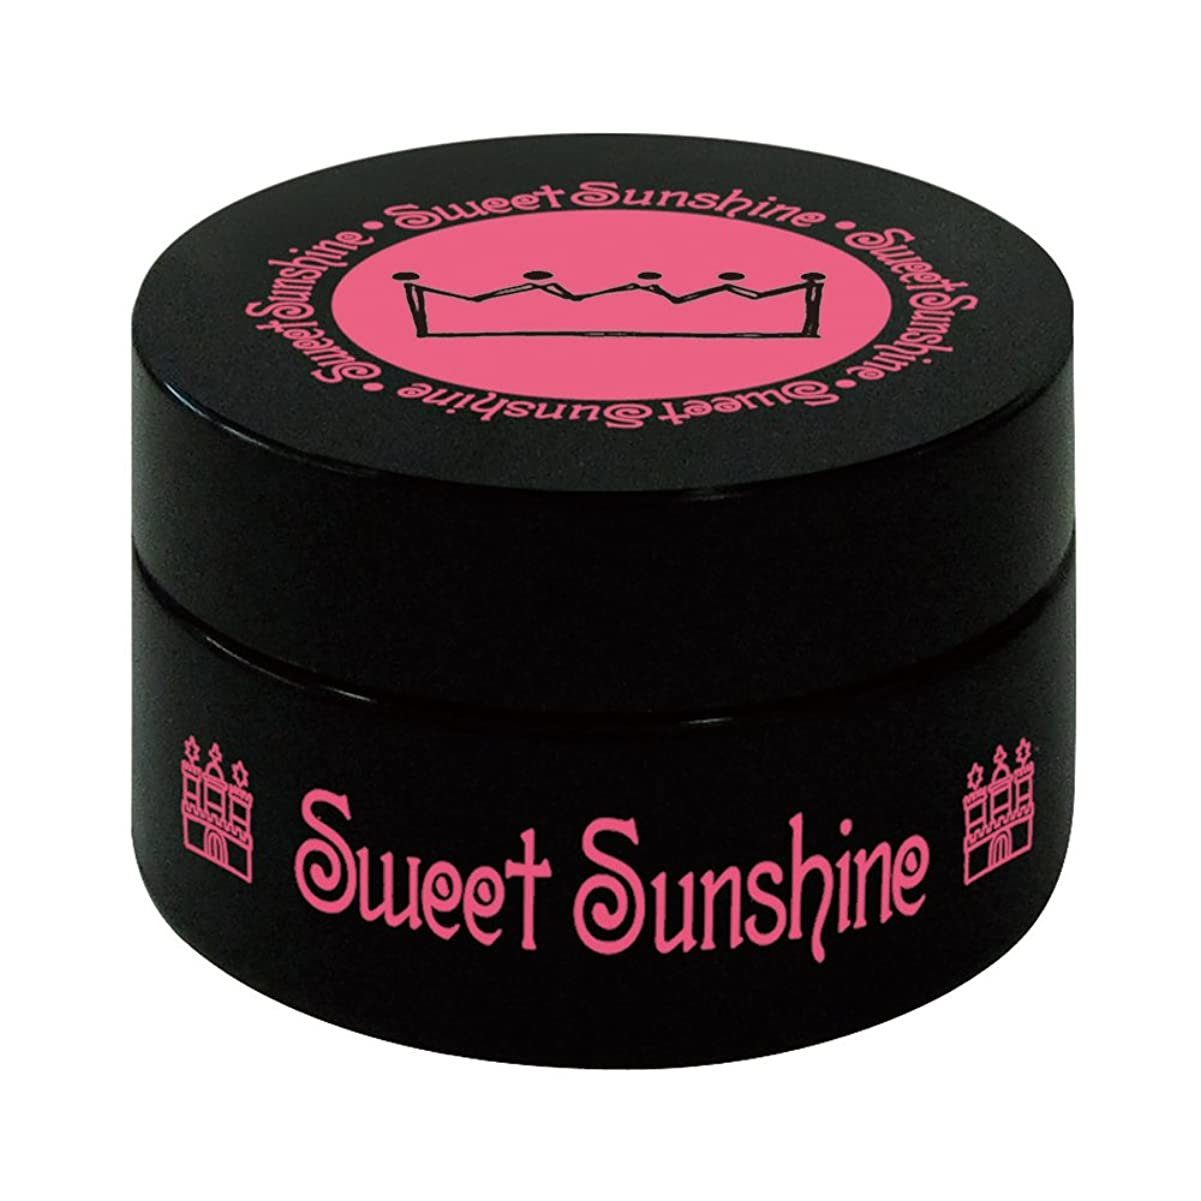 到着する寂しいまた最速硬化LED対応 Sweet Sunshine スィート サンシャイン カラージェル SC-2 4g サンシャインビーチグリーン